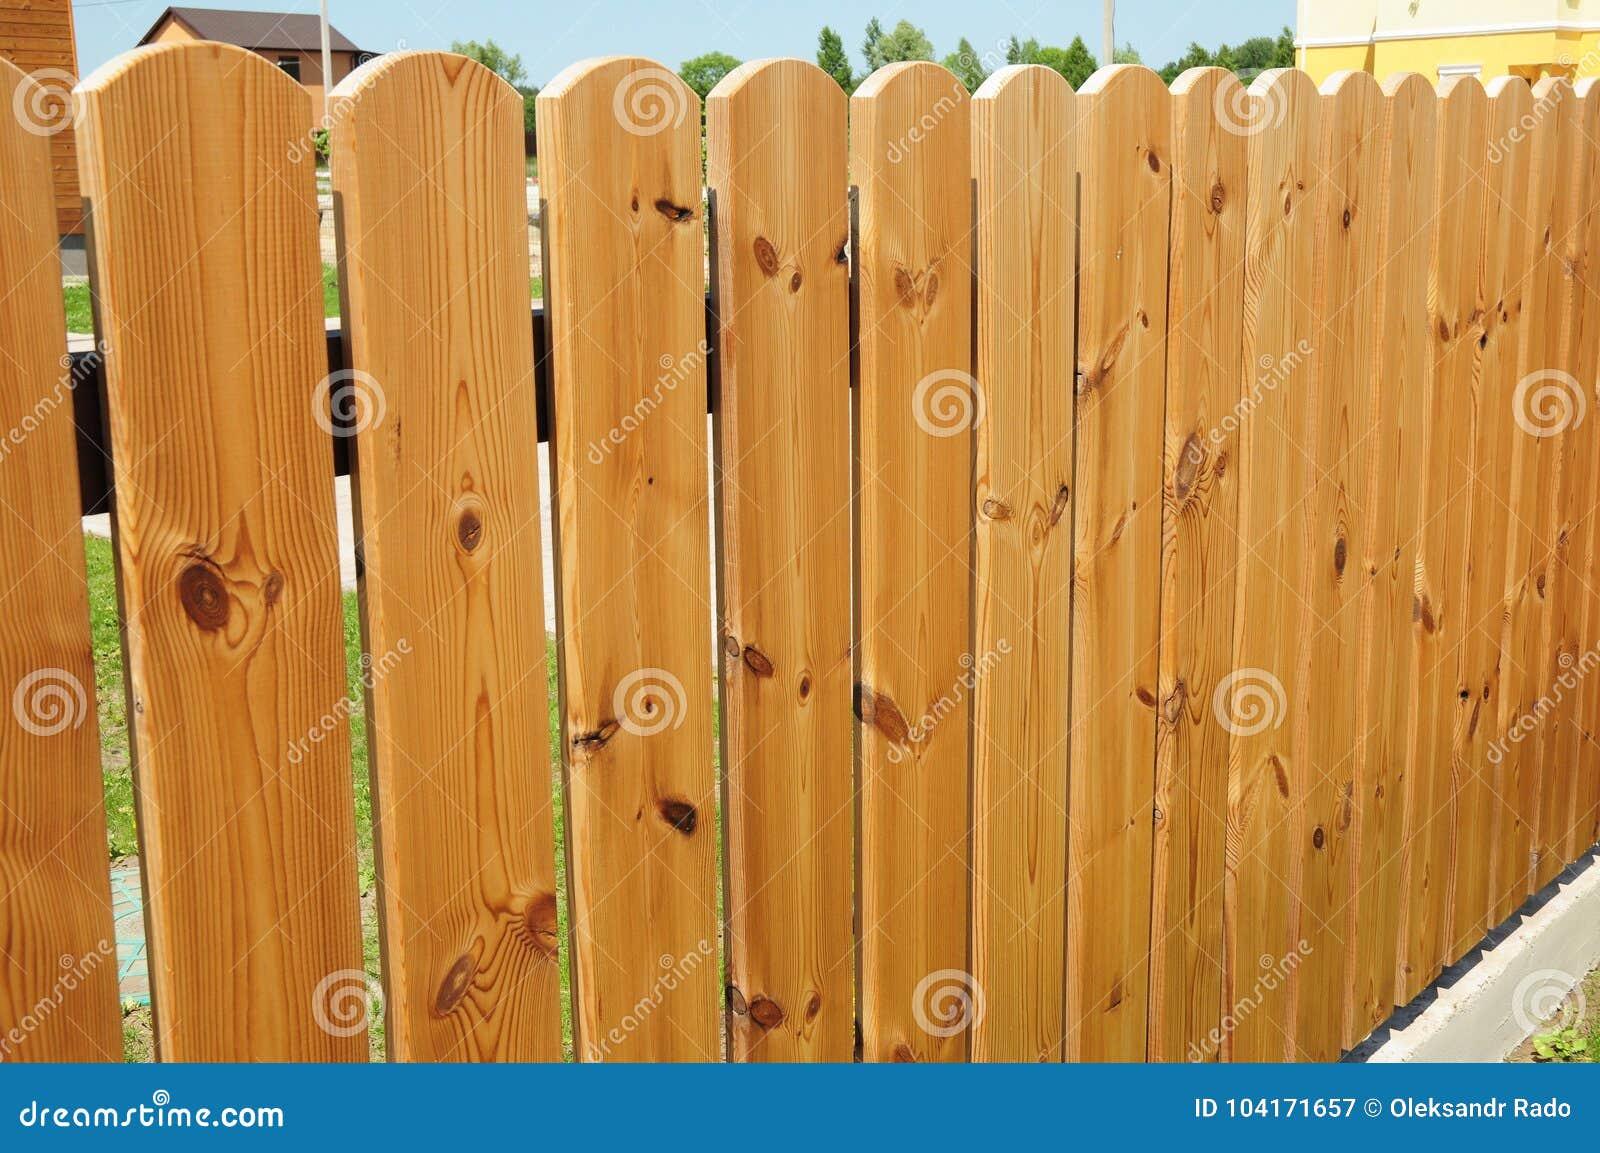 Drewniany płotowy drzwi Wygodny drewna ogrodzenie - Drewniany fechtunek